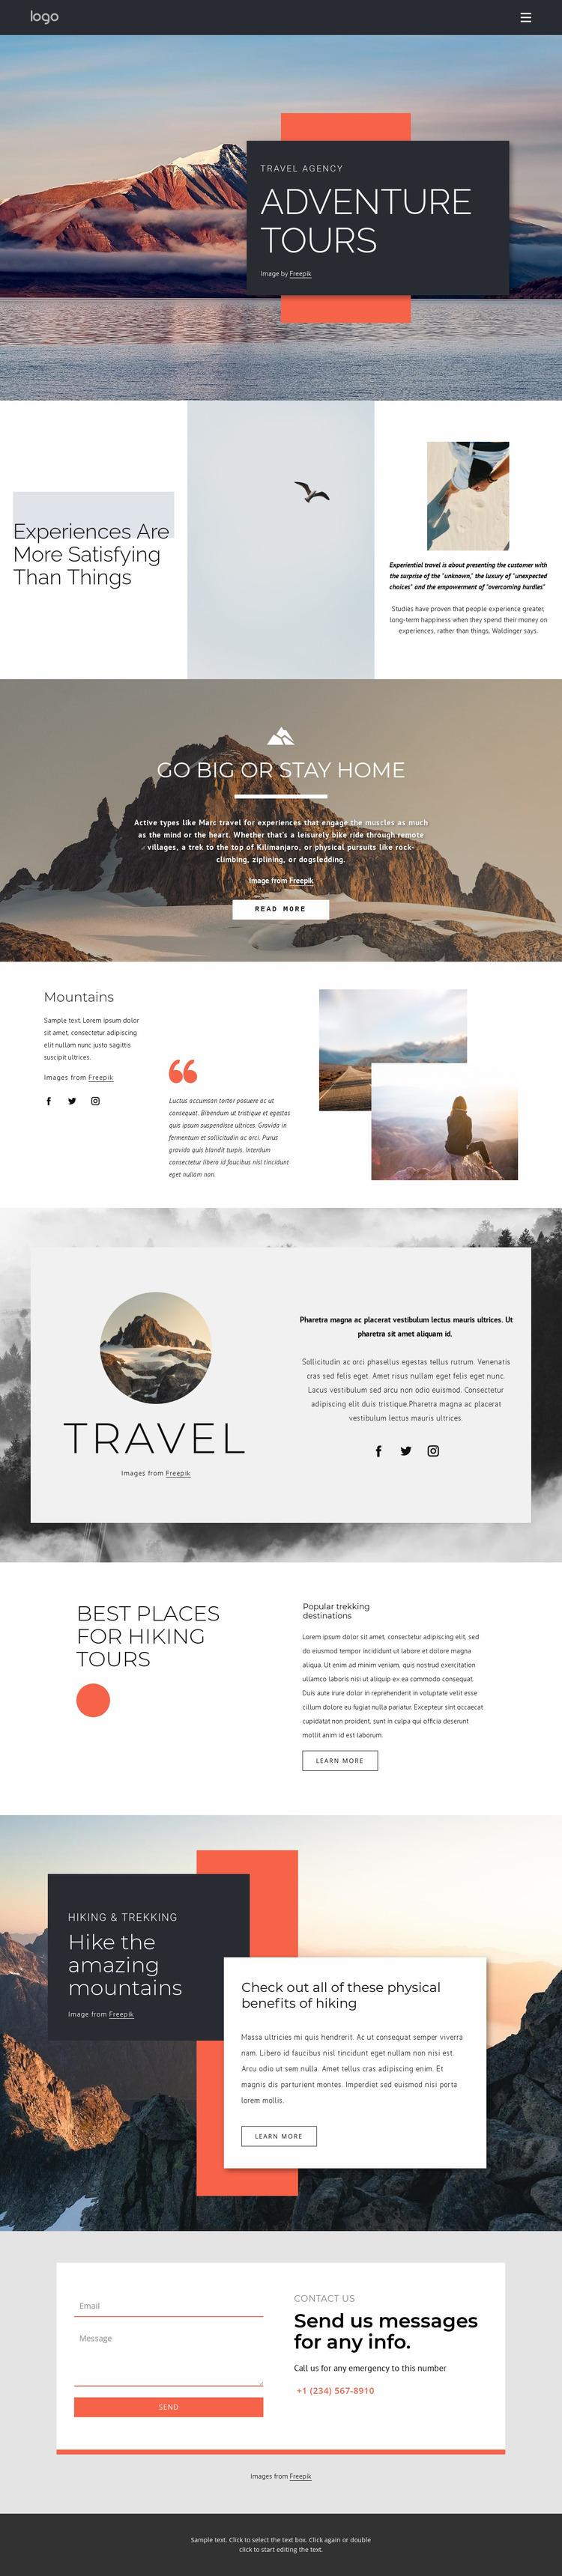 We provide hiking tours Website Mockup